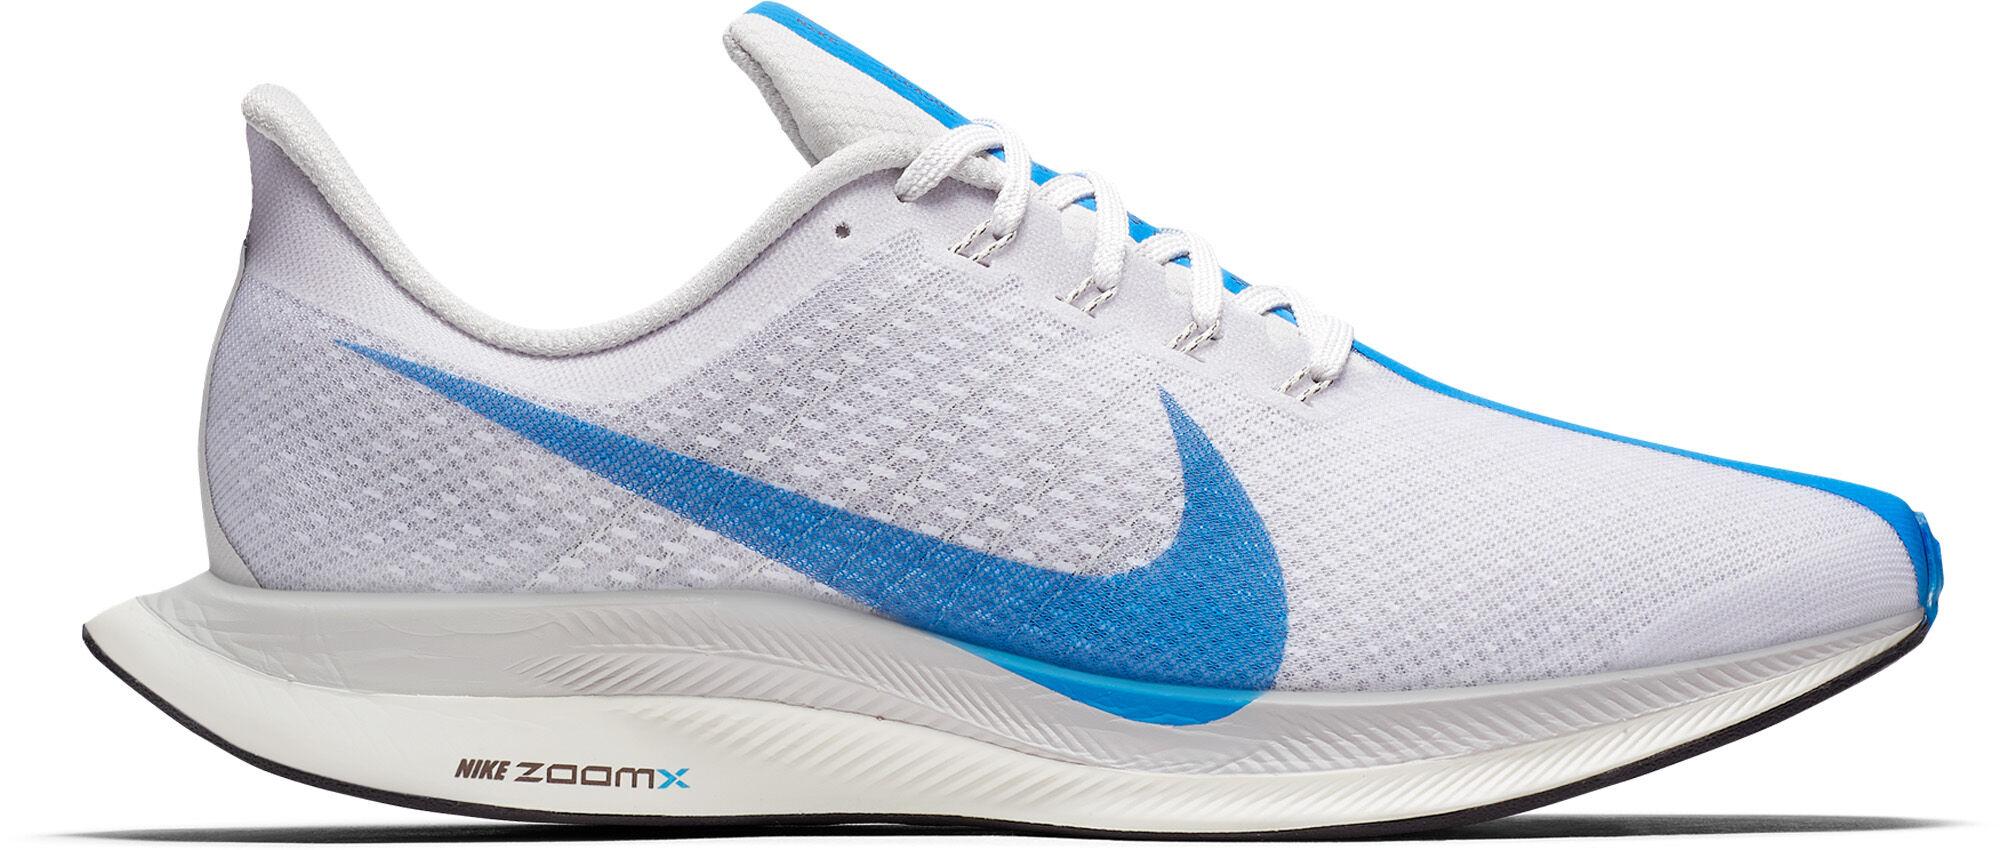 Herresko Herre b Online Amp; Til K Intersport Dk Sneakers Sko Fwofr QdorxeBCW